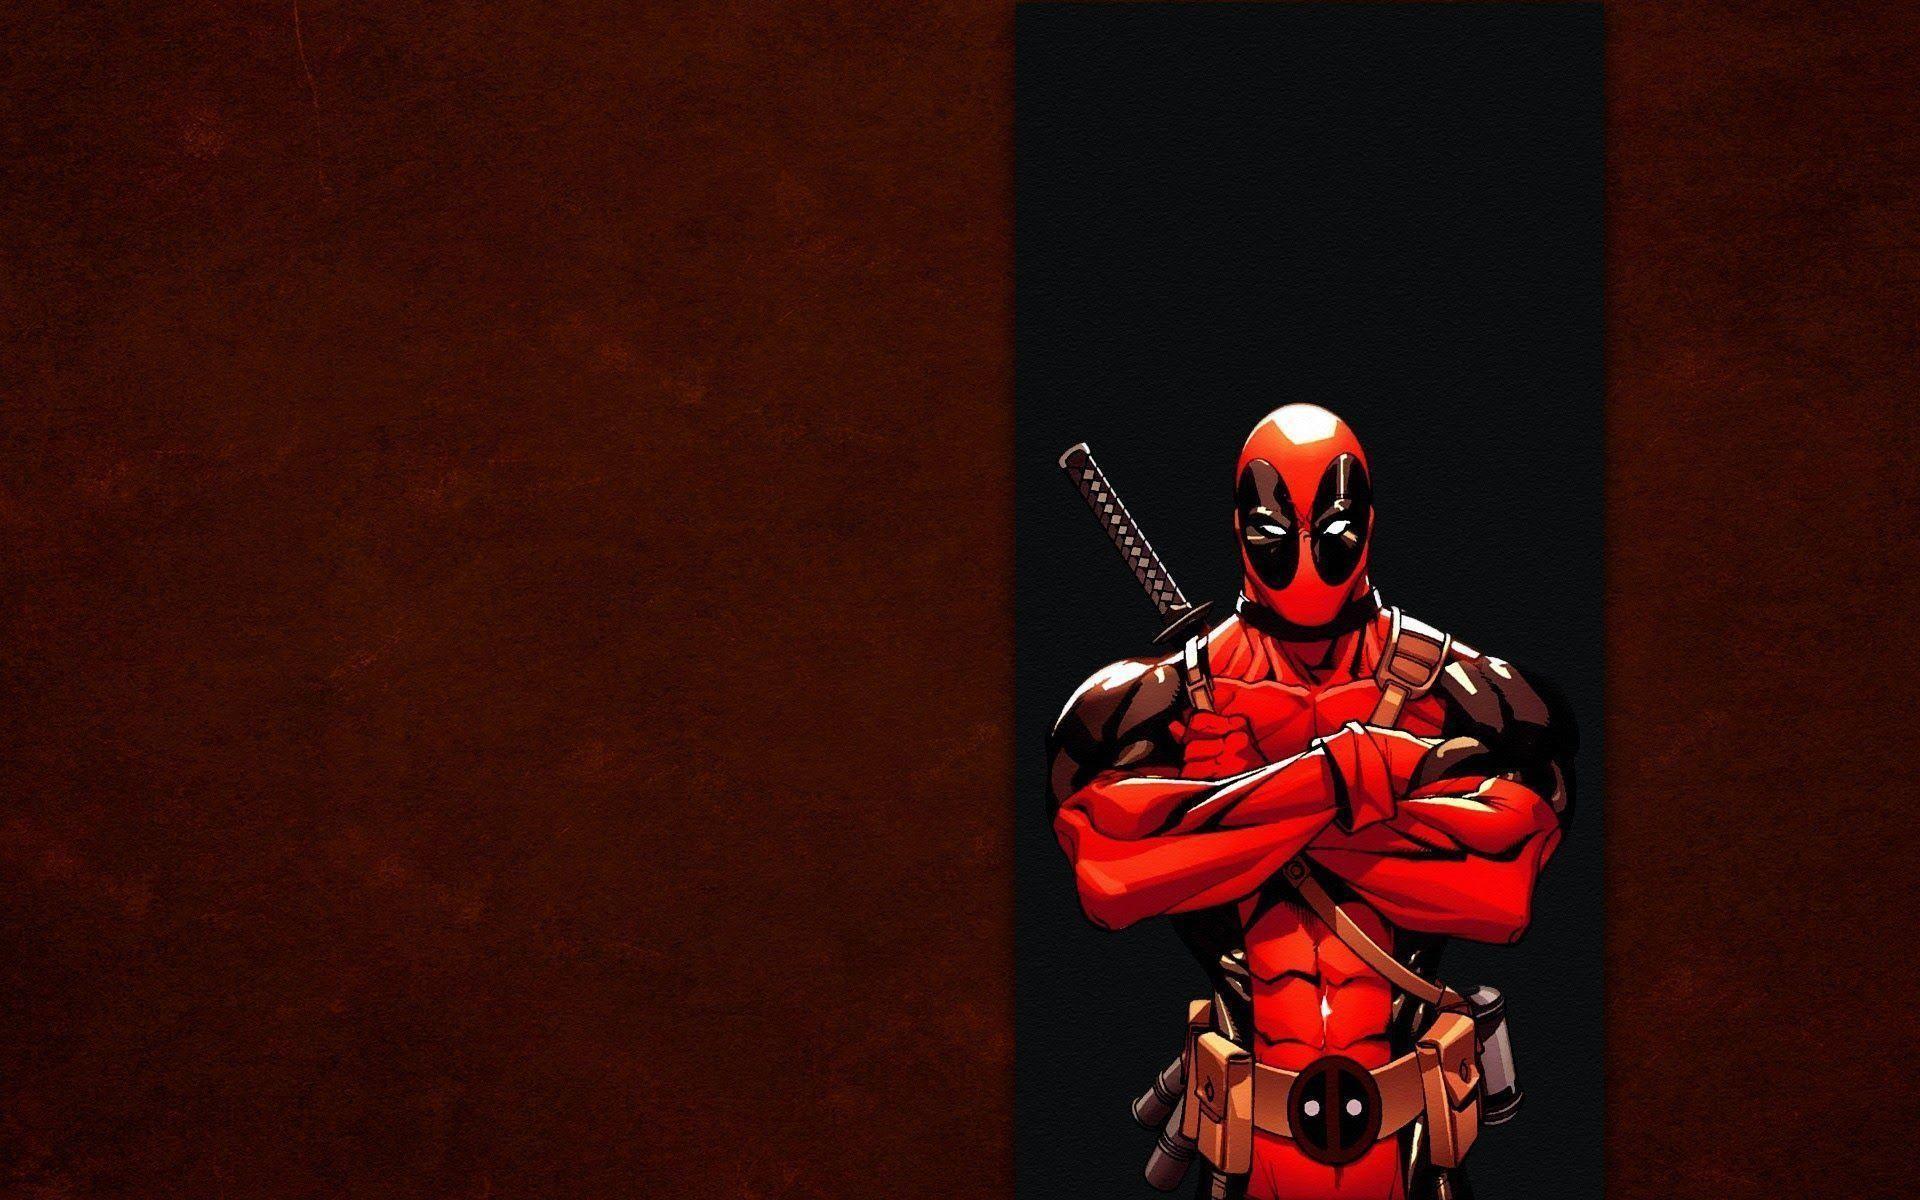 Deadpool Wallpaper Hd Widescreens Resolution Deadpool Wallpaper Hd